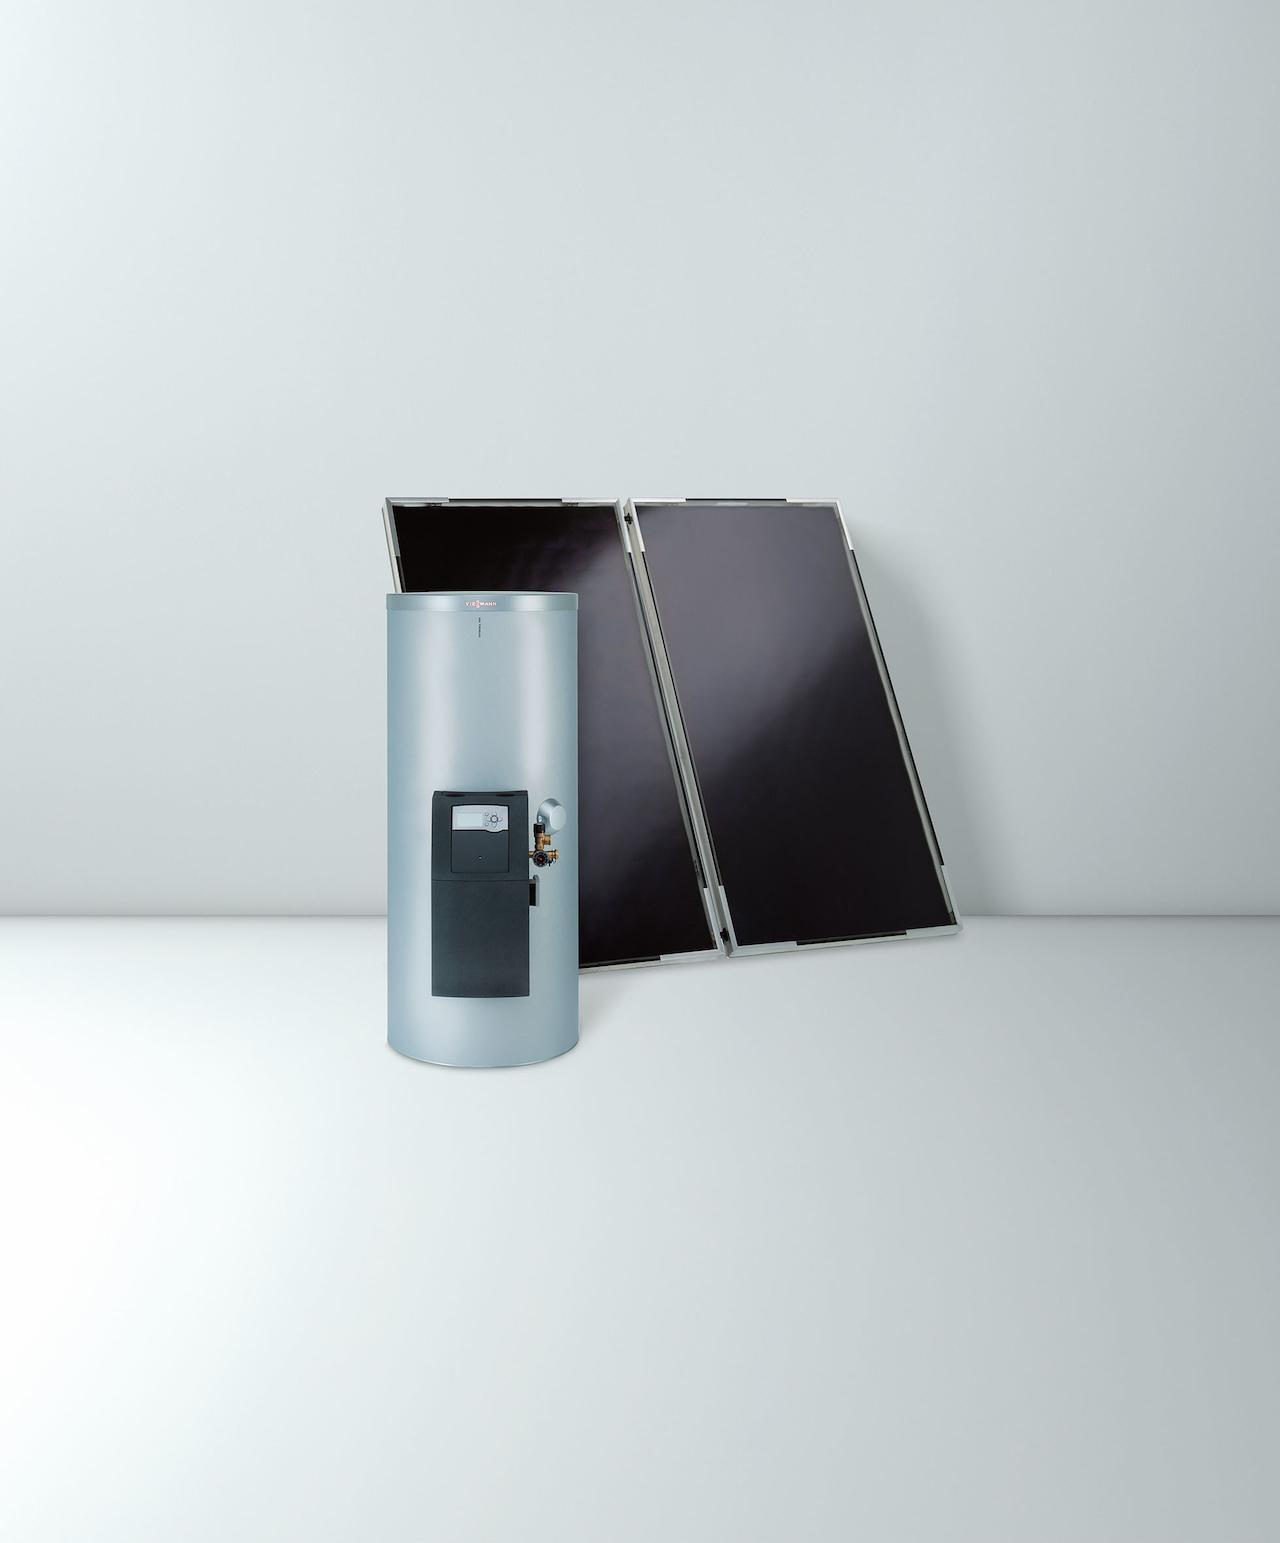 solární ohřívač vody připojte